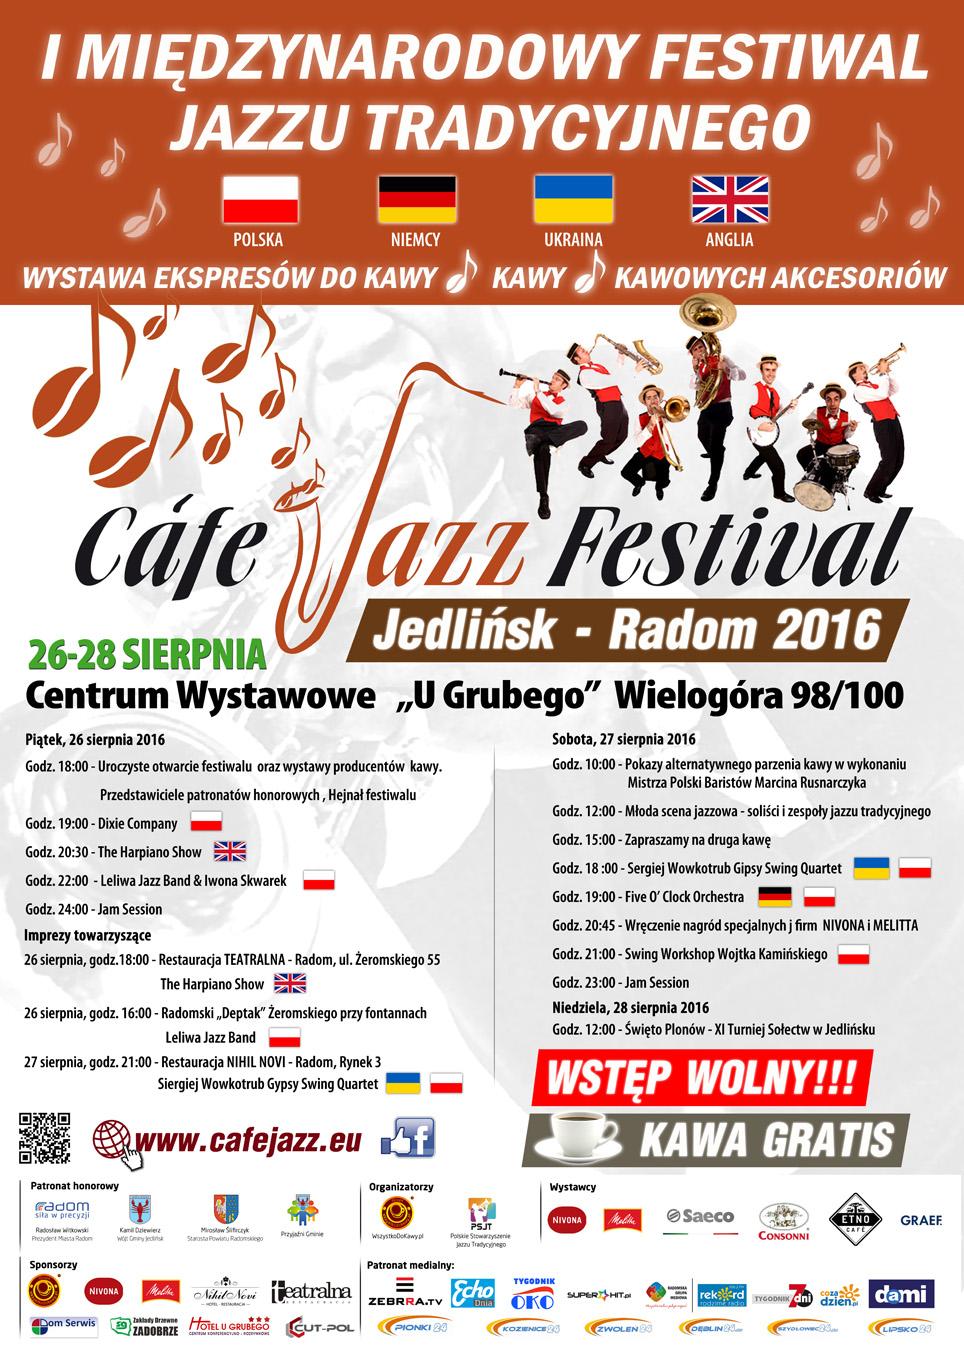 Cafe Jazz Festival